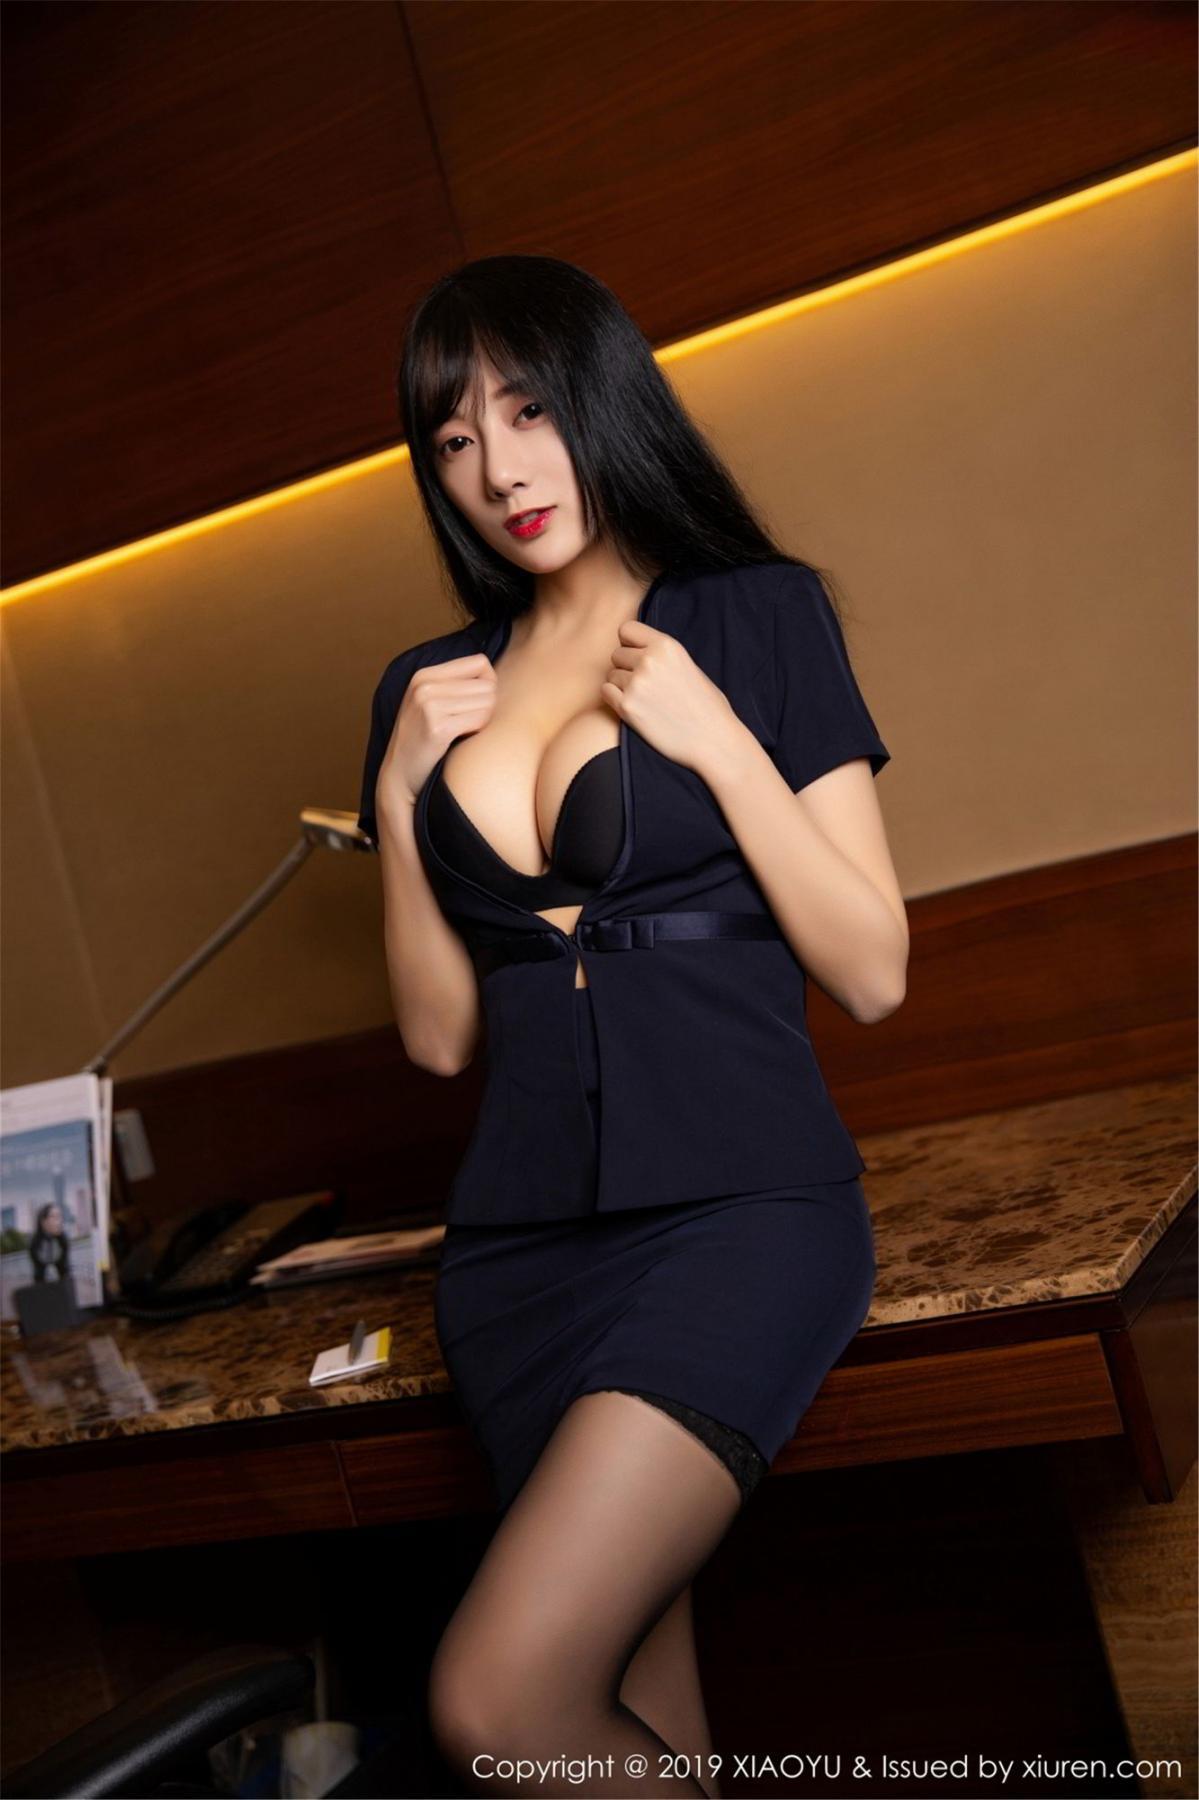 [XiaoYu] Vol.068 He Jia Ying 8P, Black Silk, He Jia Ying, Uniform, XiaoYu